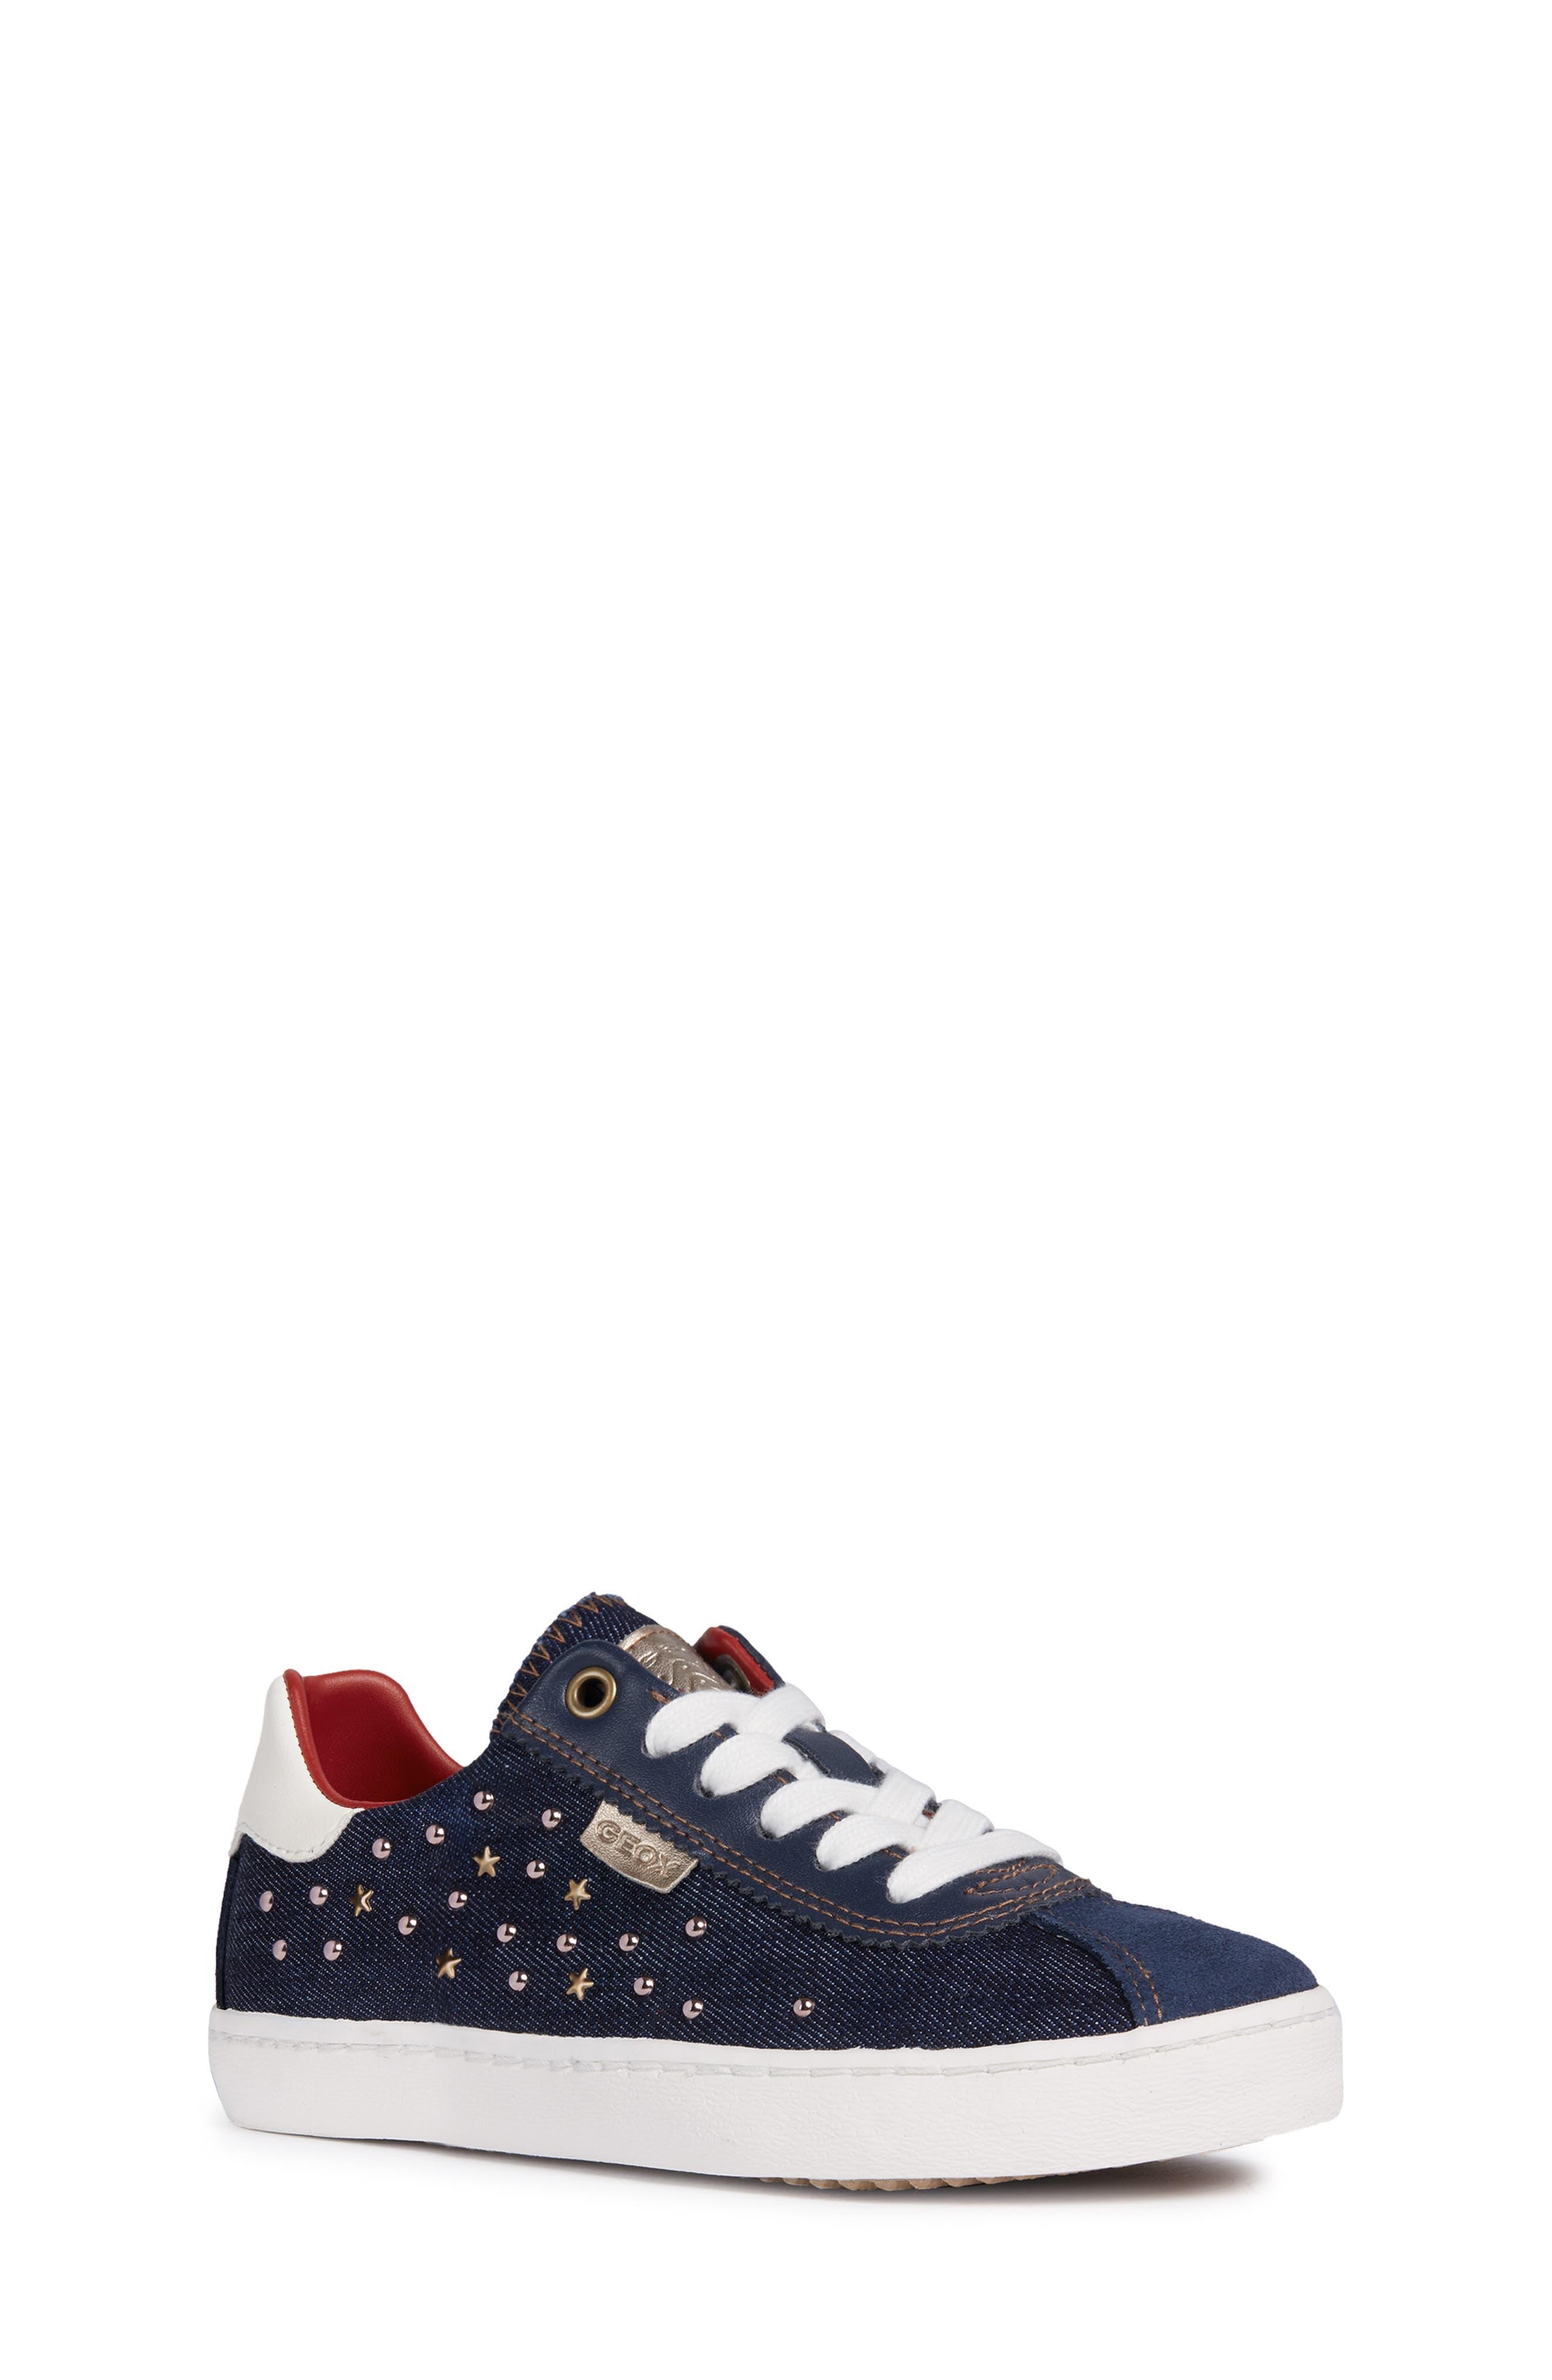 Kilwi Zip Low Top Sneaker,                             Main thumbnail 1, color,                             NAVY